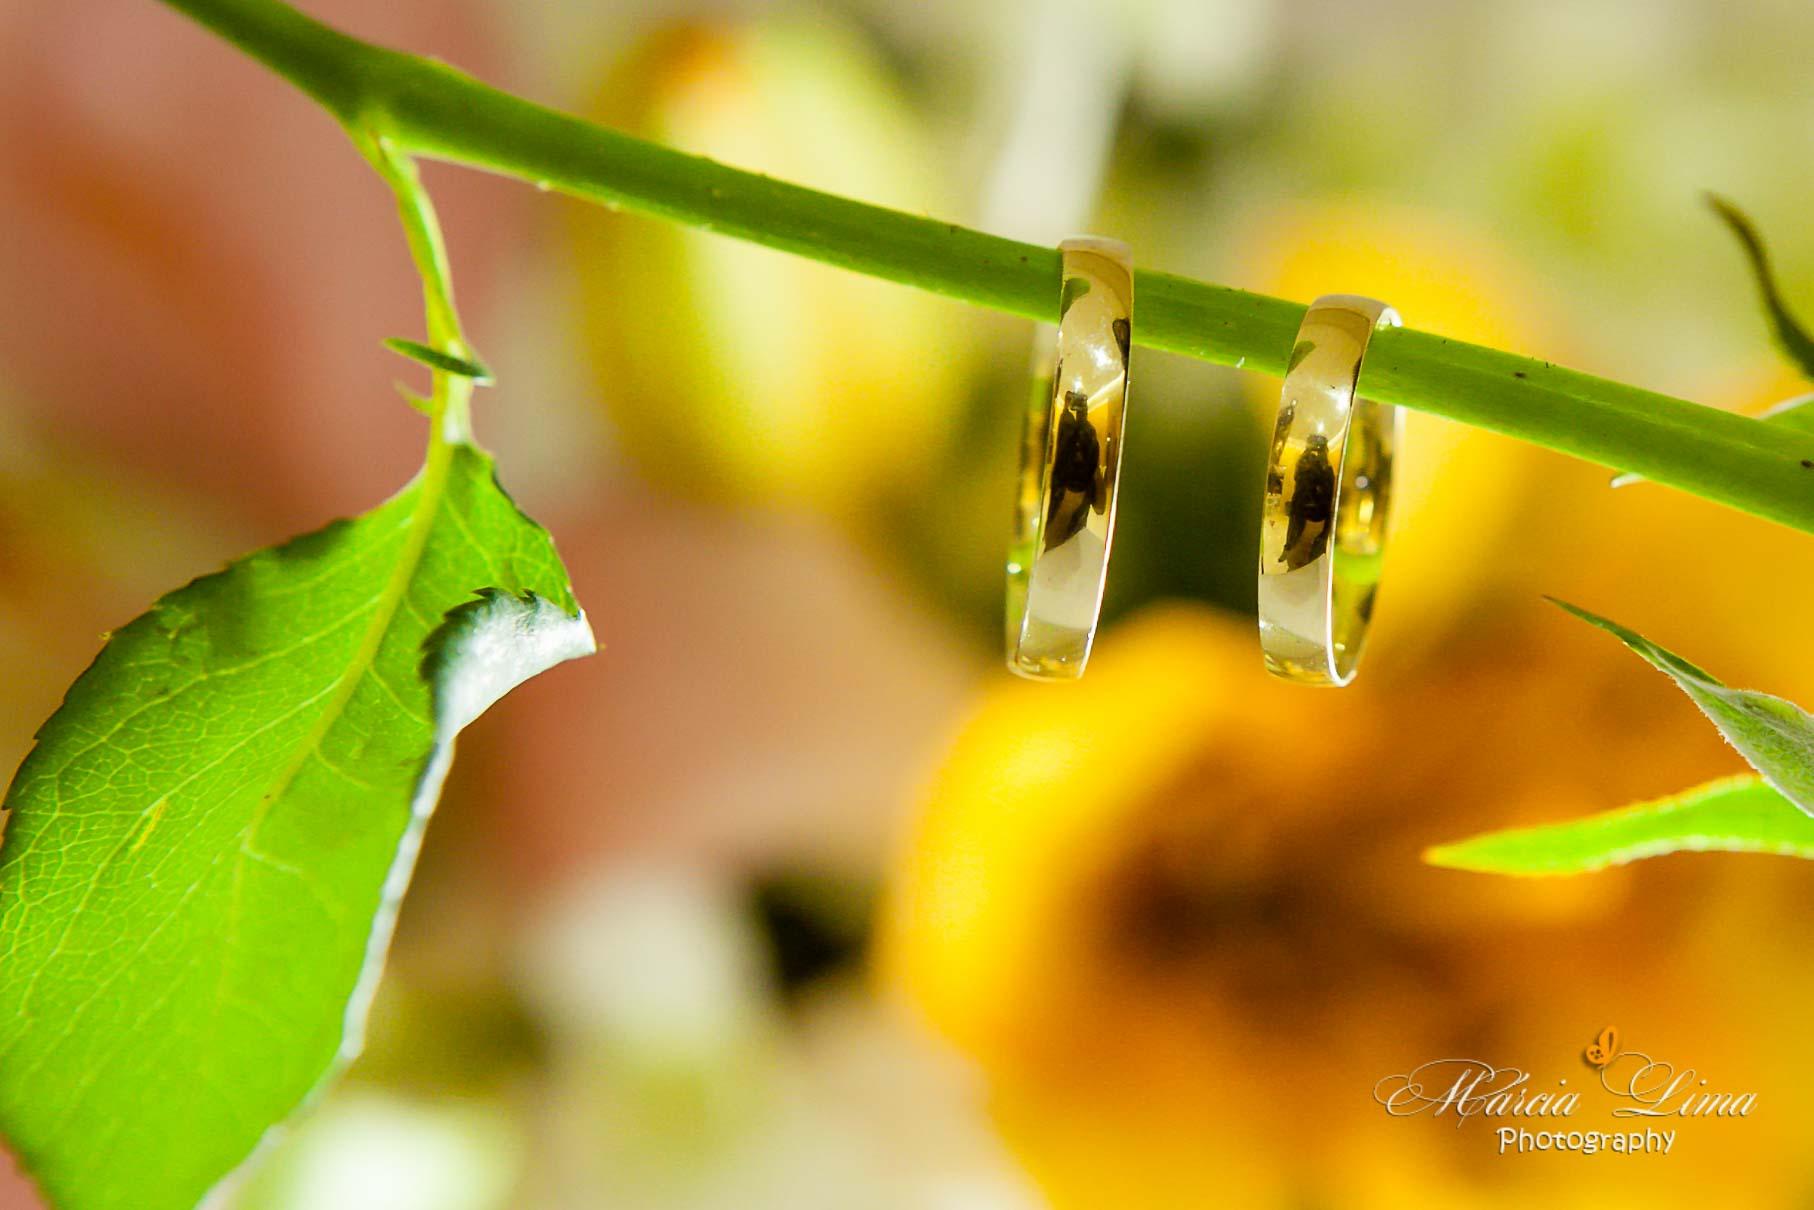 Ma Lima Photography